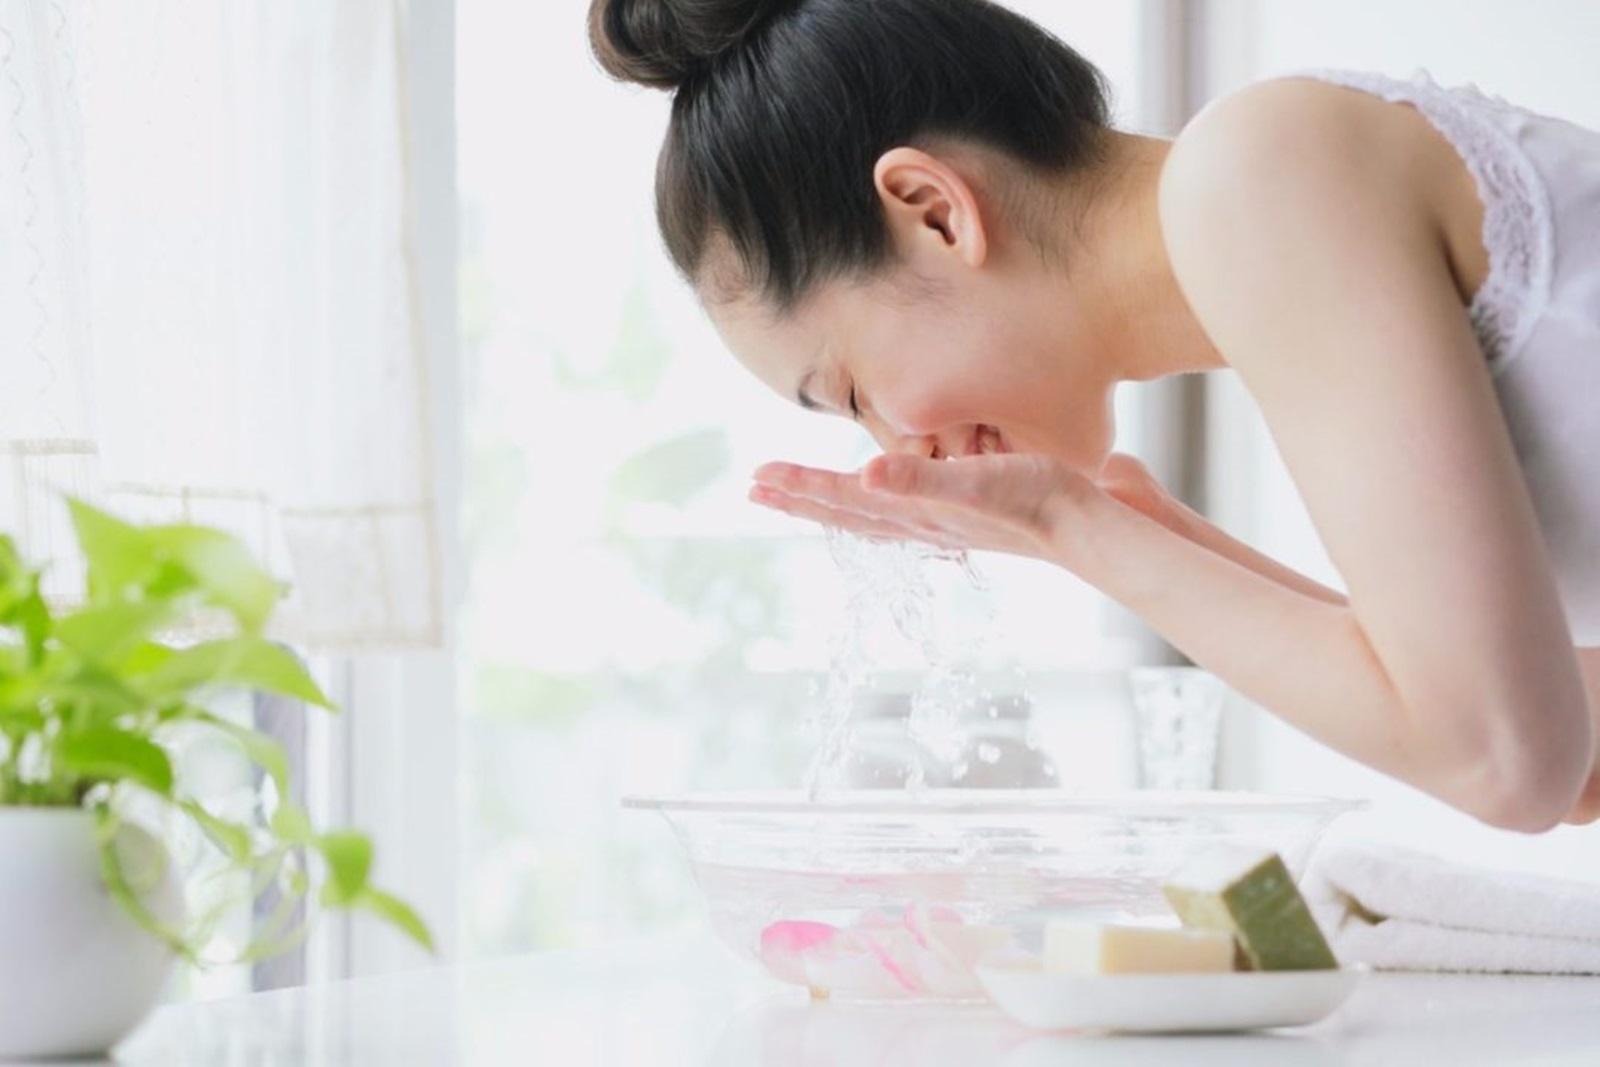 Thì ra nhờ những bí quyết này mà phụ nữ Hàn Quốc luôn có làn da căng mịn bất chấp tuổi tác - Ảnh 3